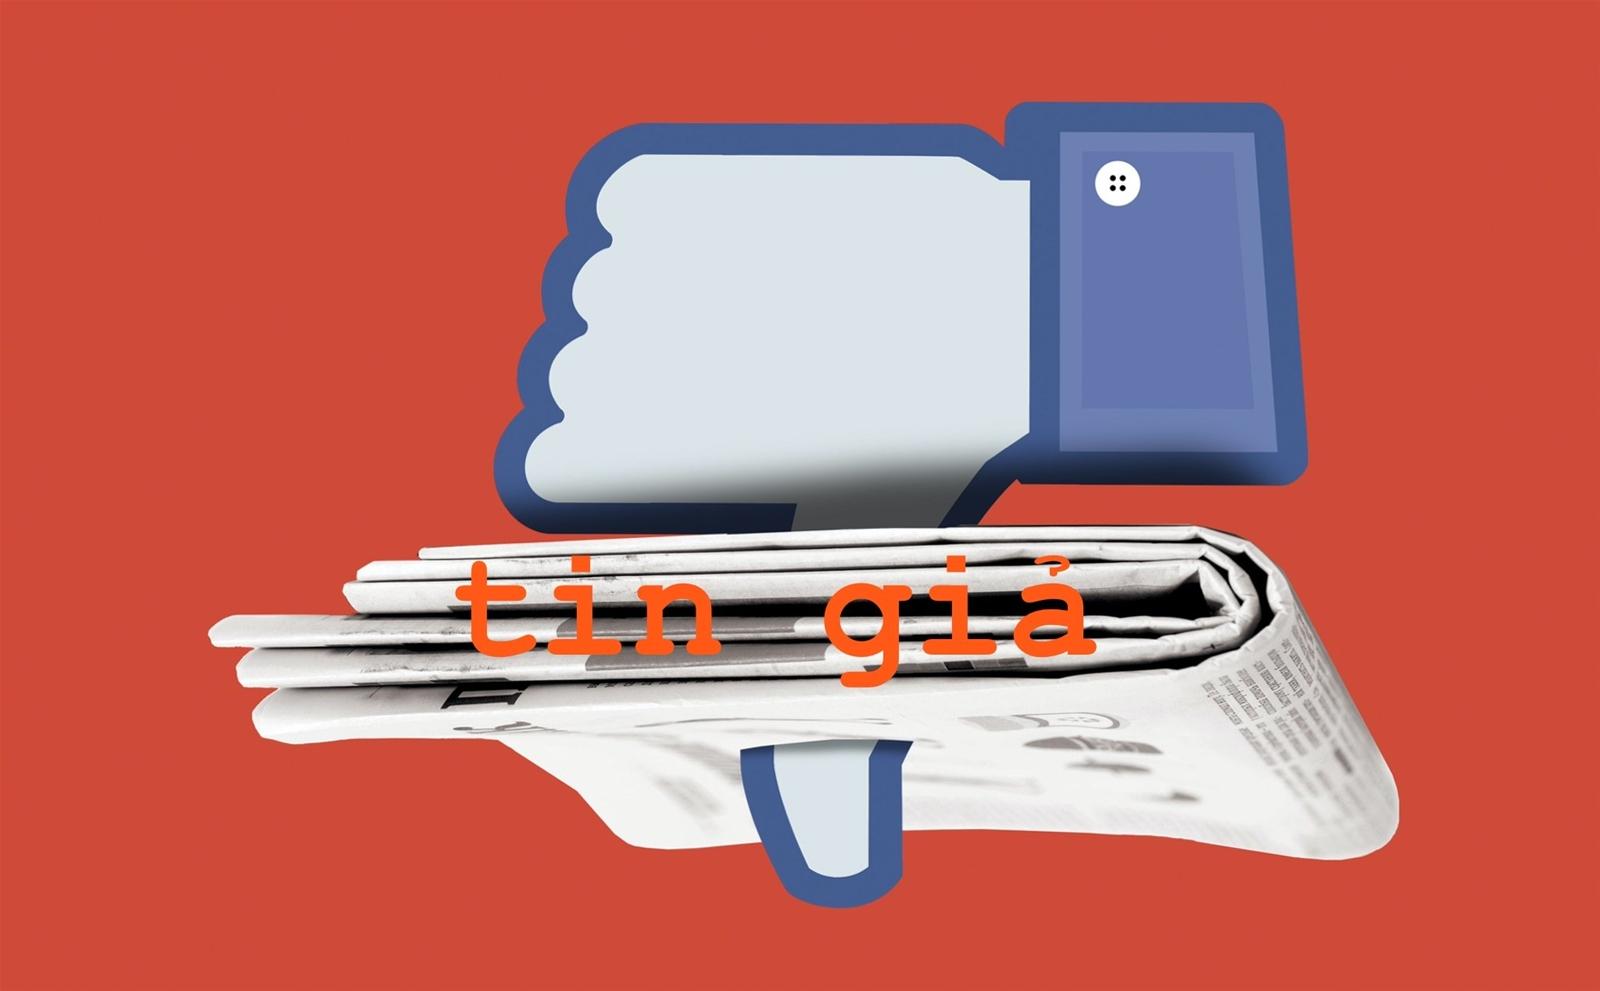 8 hành vi vi phạm khi sử dụng mạng xã hội bị phạt 20 triệu đồng